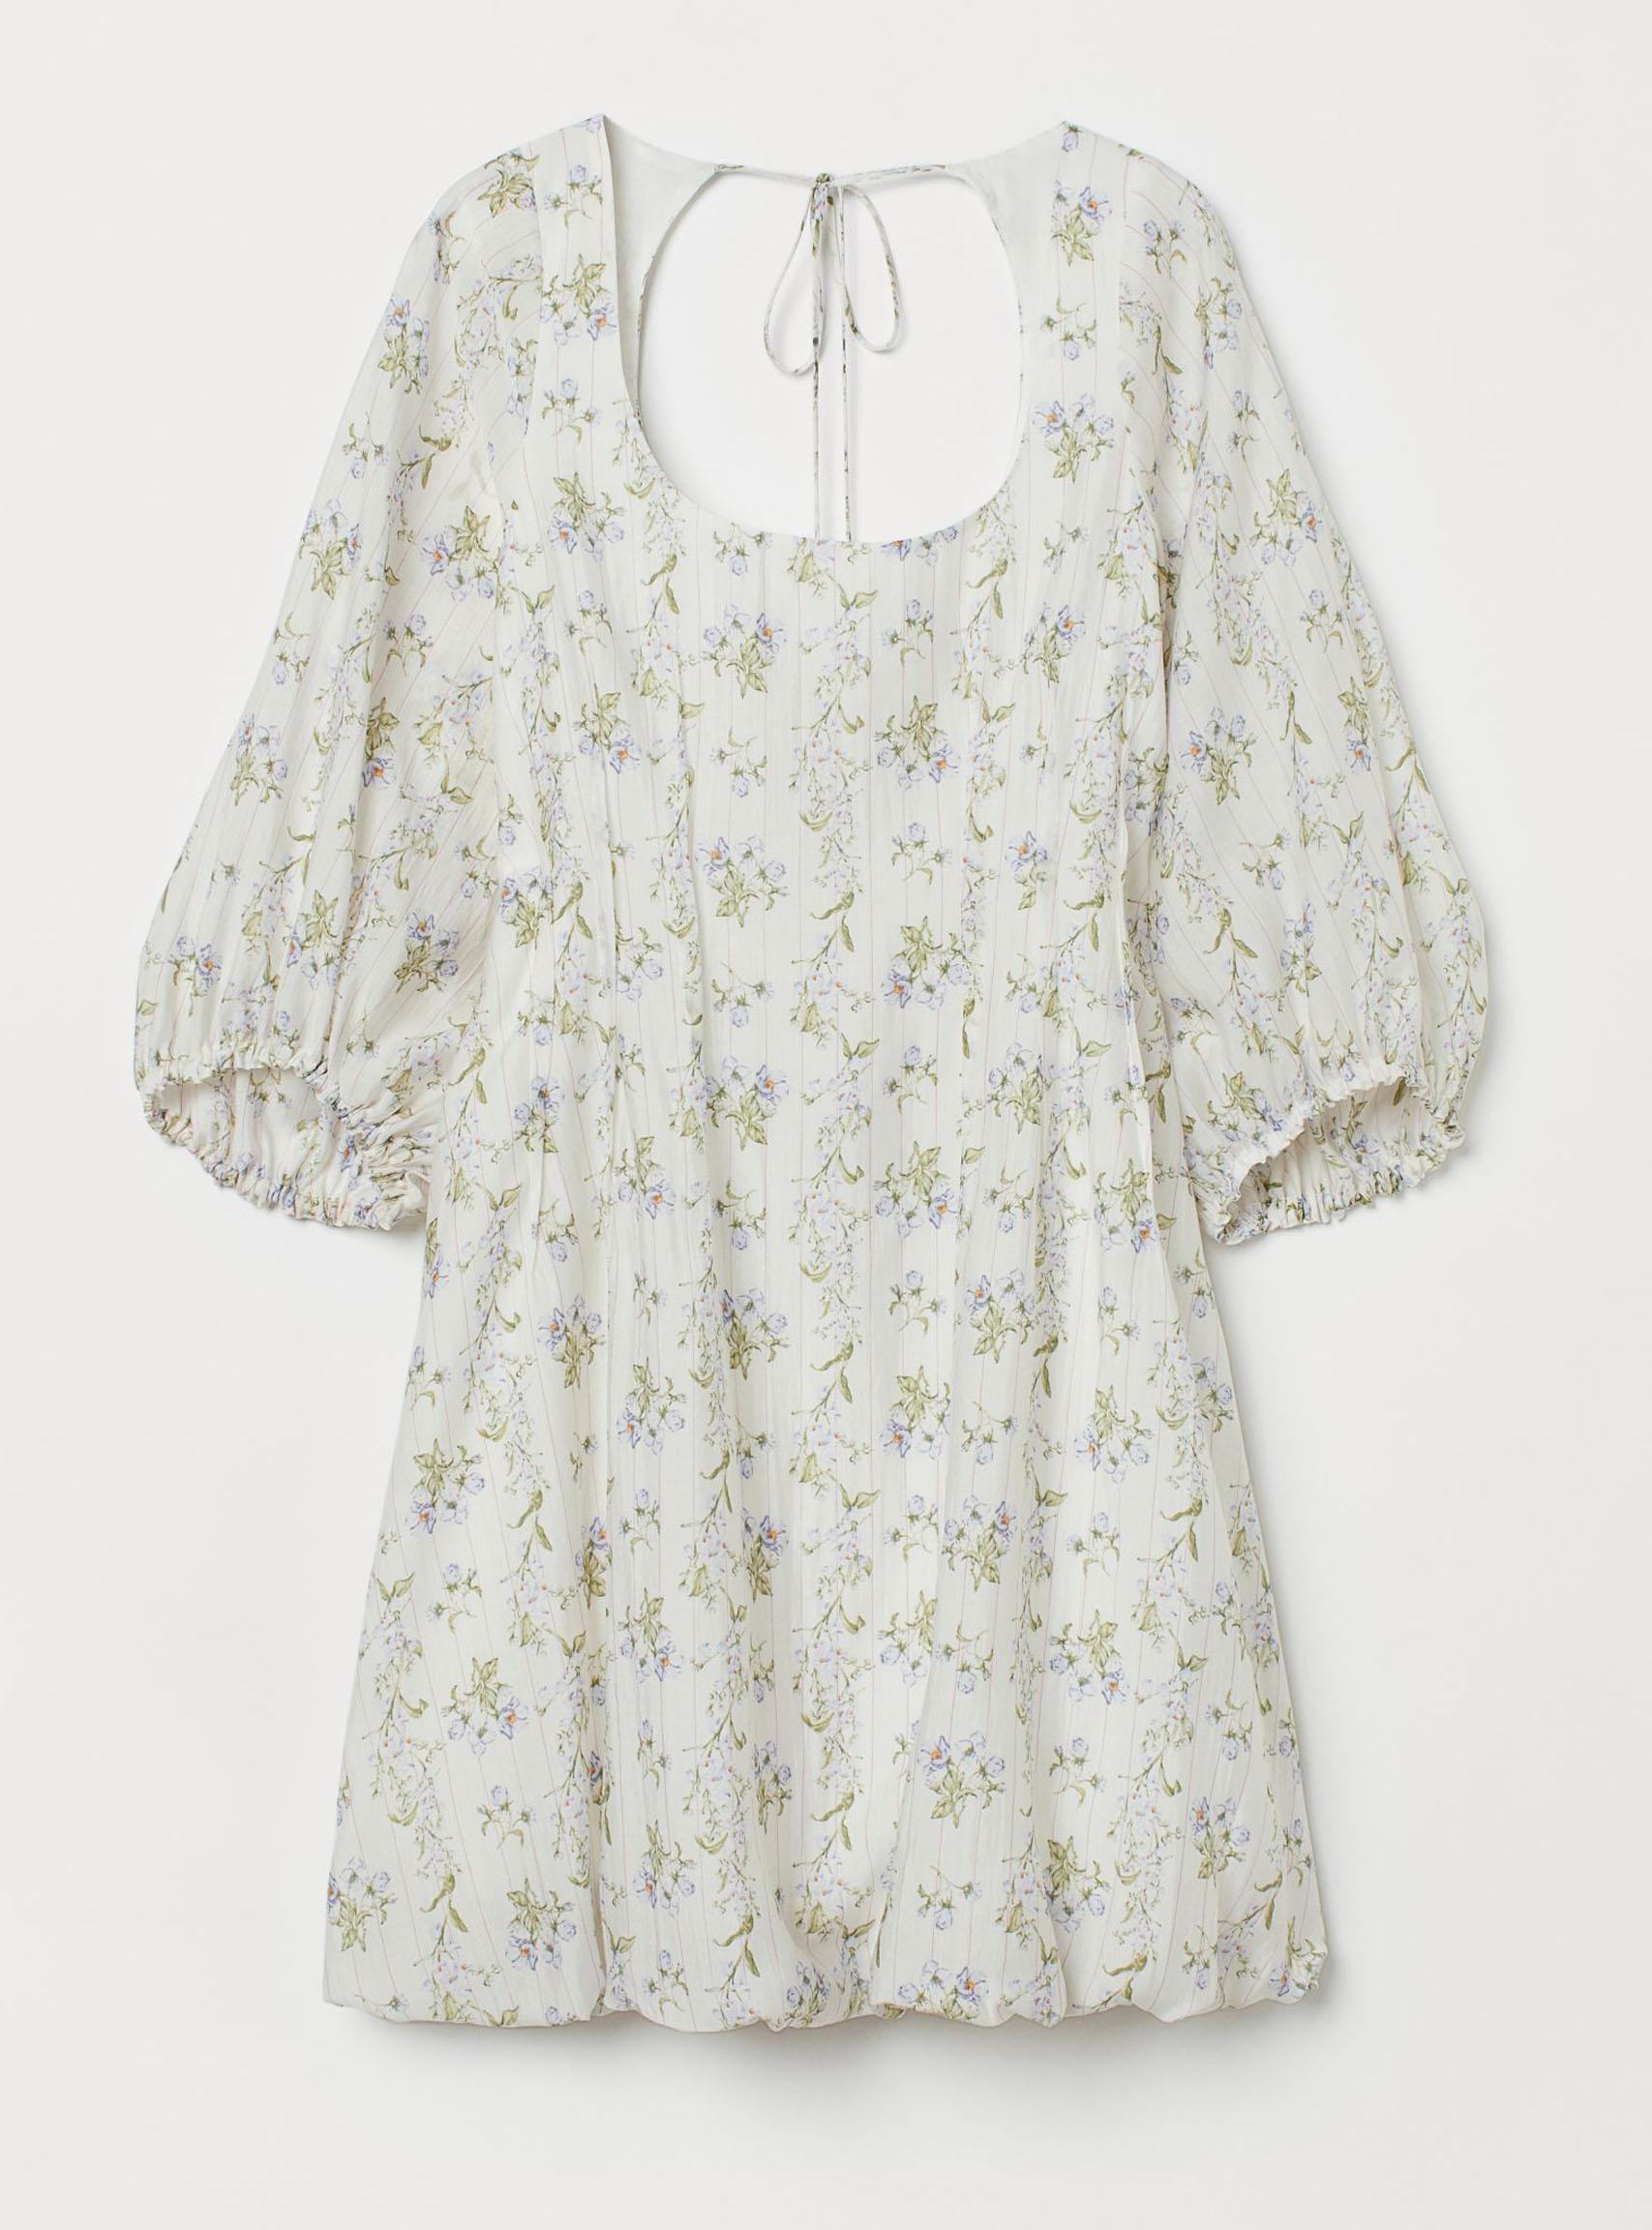 ljus-blommig-klänning-med-ballongkjol-och-utskuret-parti-i-ryggen-från-H&M